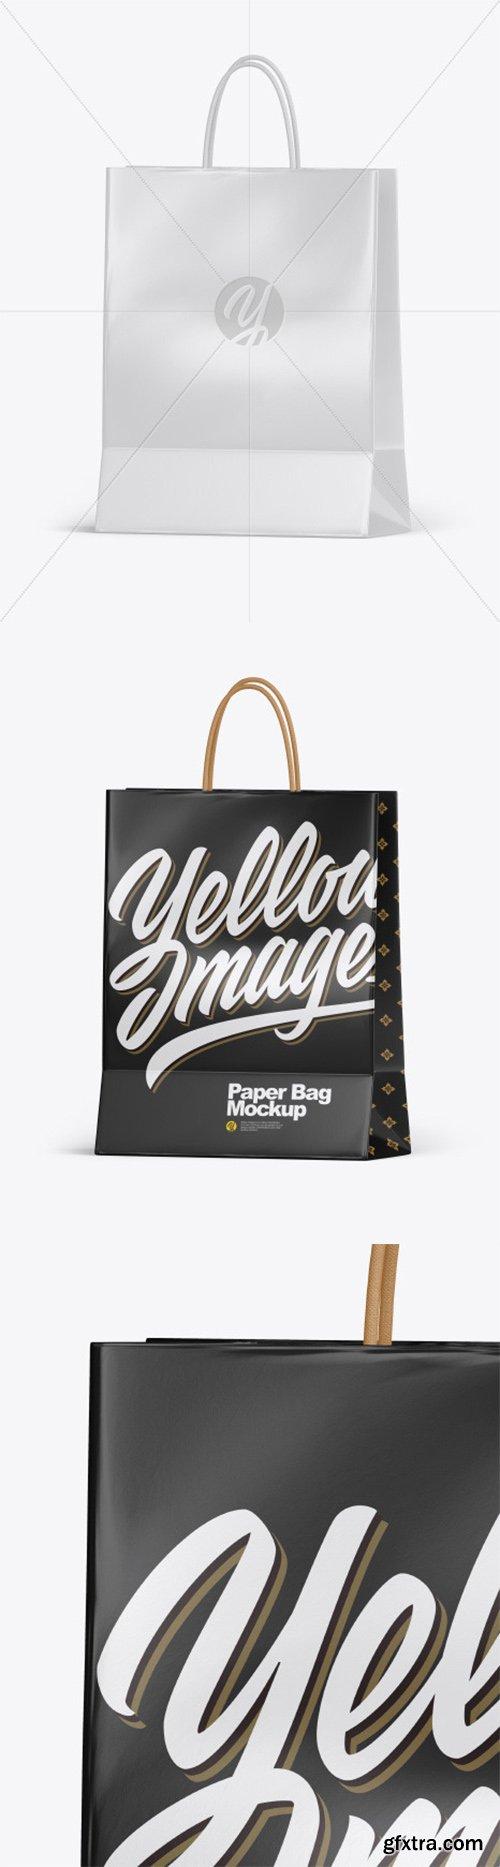 Glossy Shopping Bag w/ Rope Handles Mockup 55643